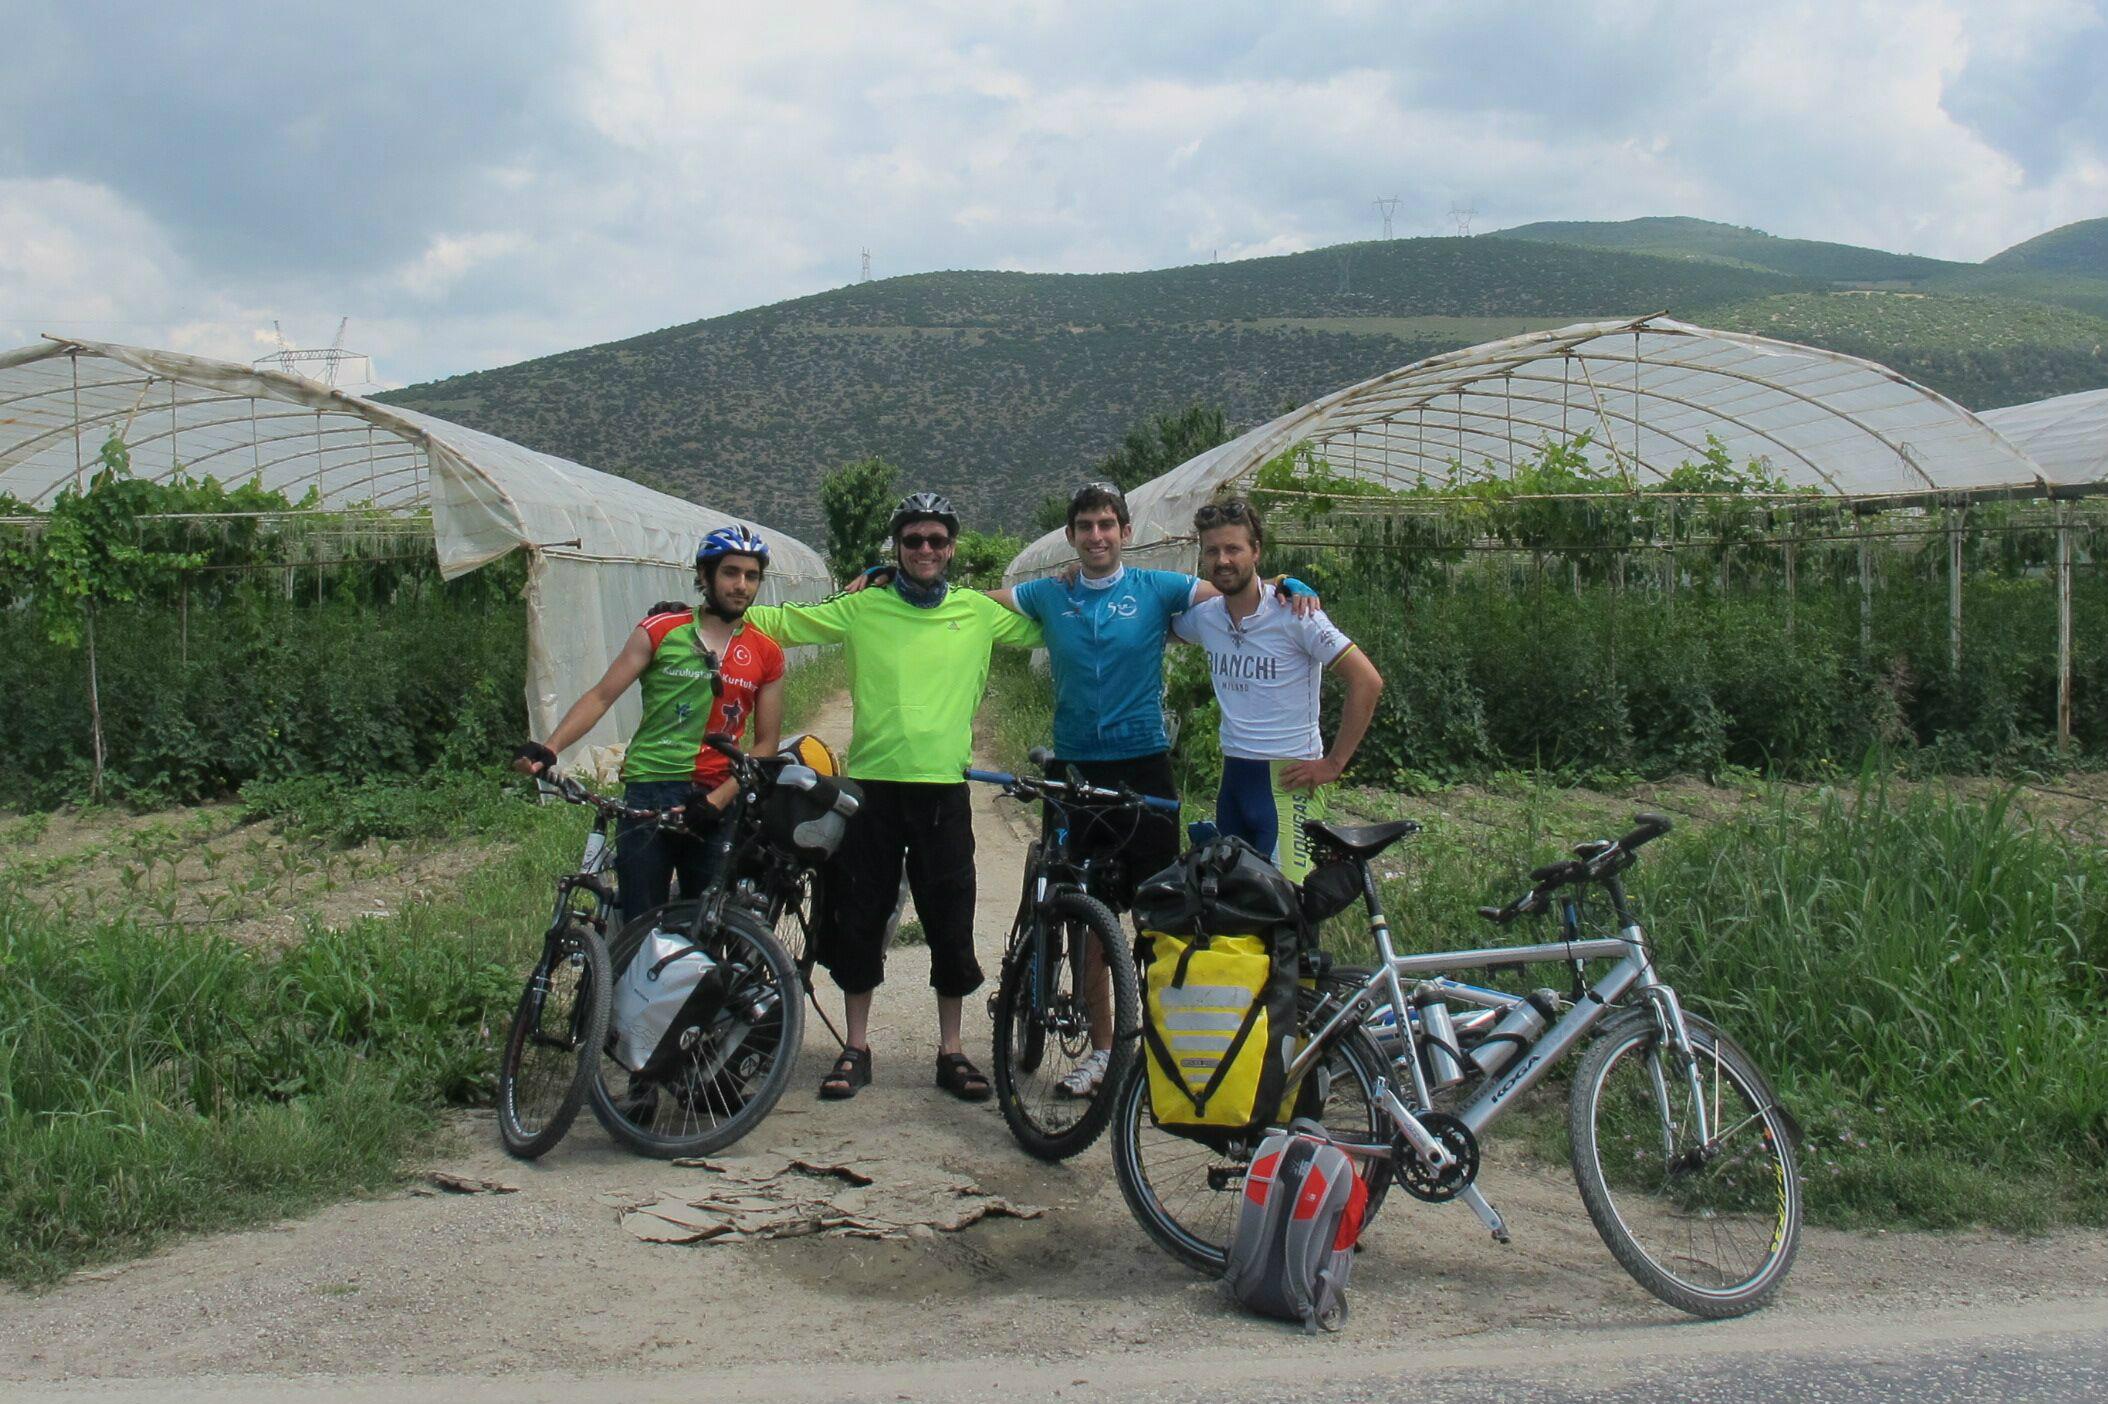 Daan with Turkish University Cycle Club members